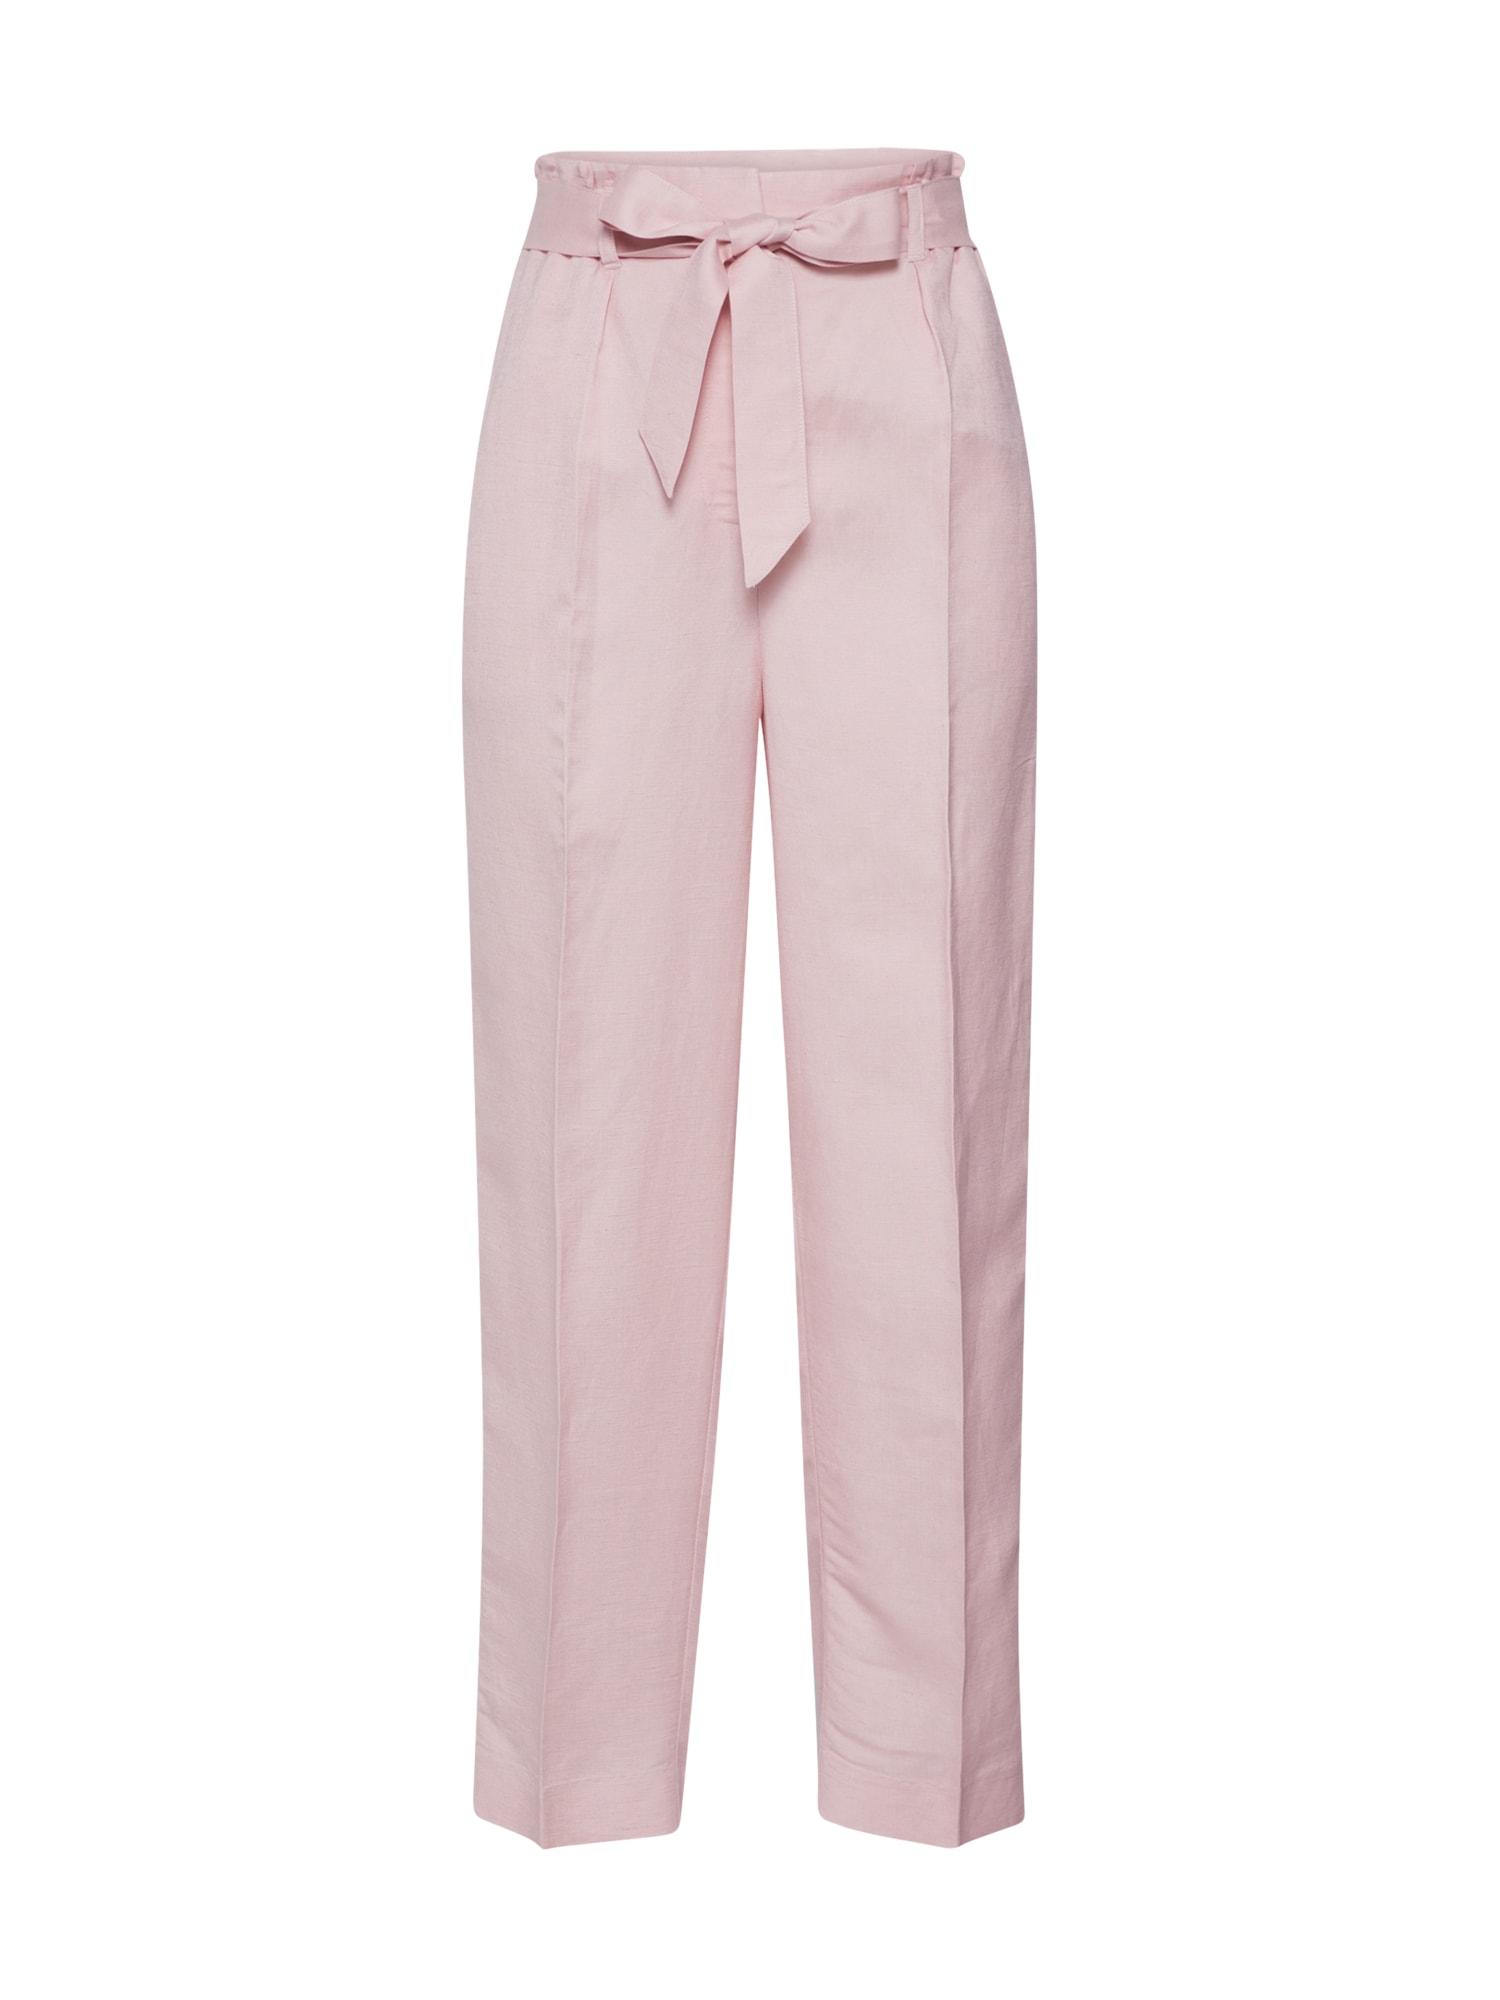 EDITED Kelnės su kantu 'Elita' rožių spalva / rožinė